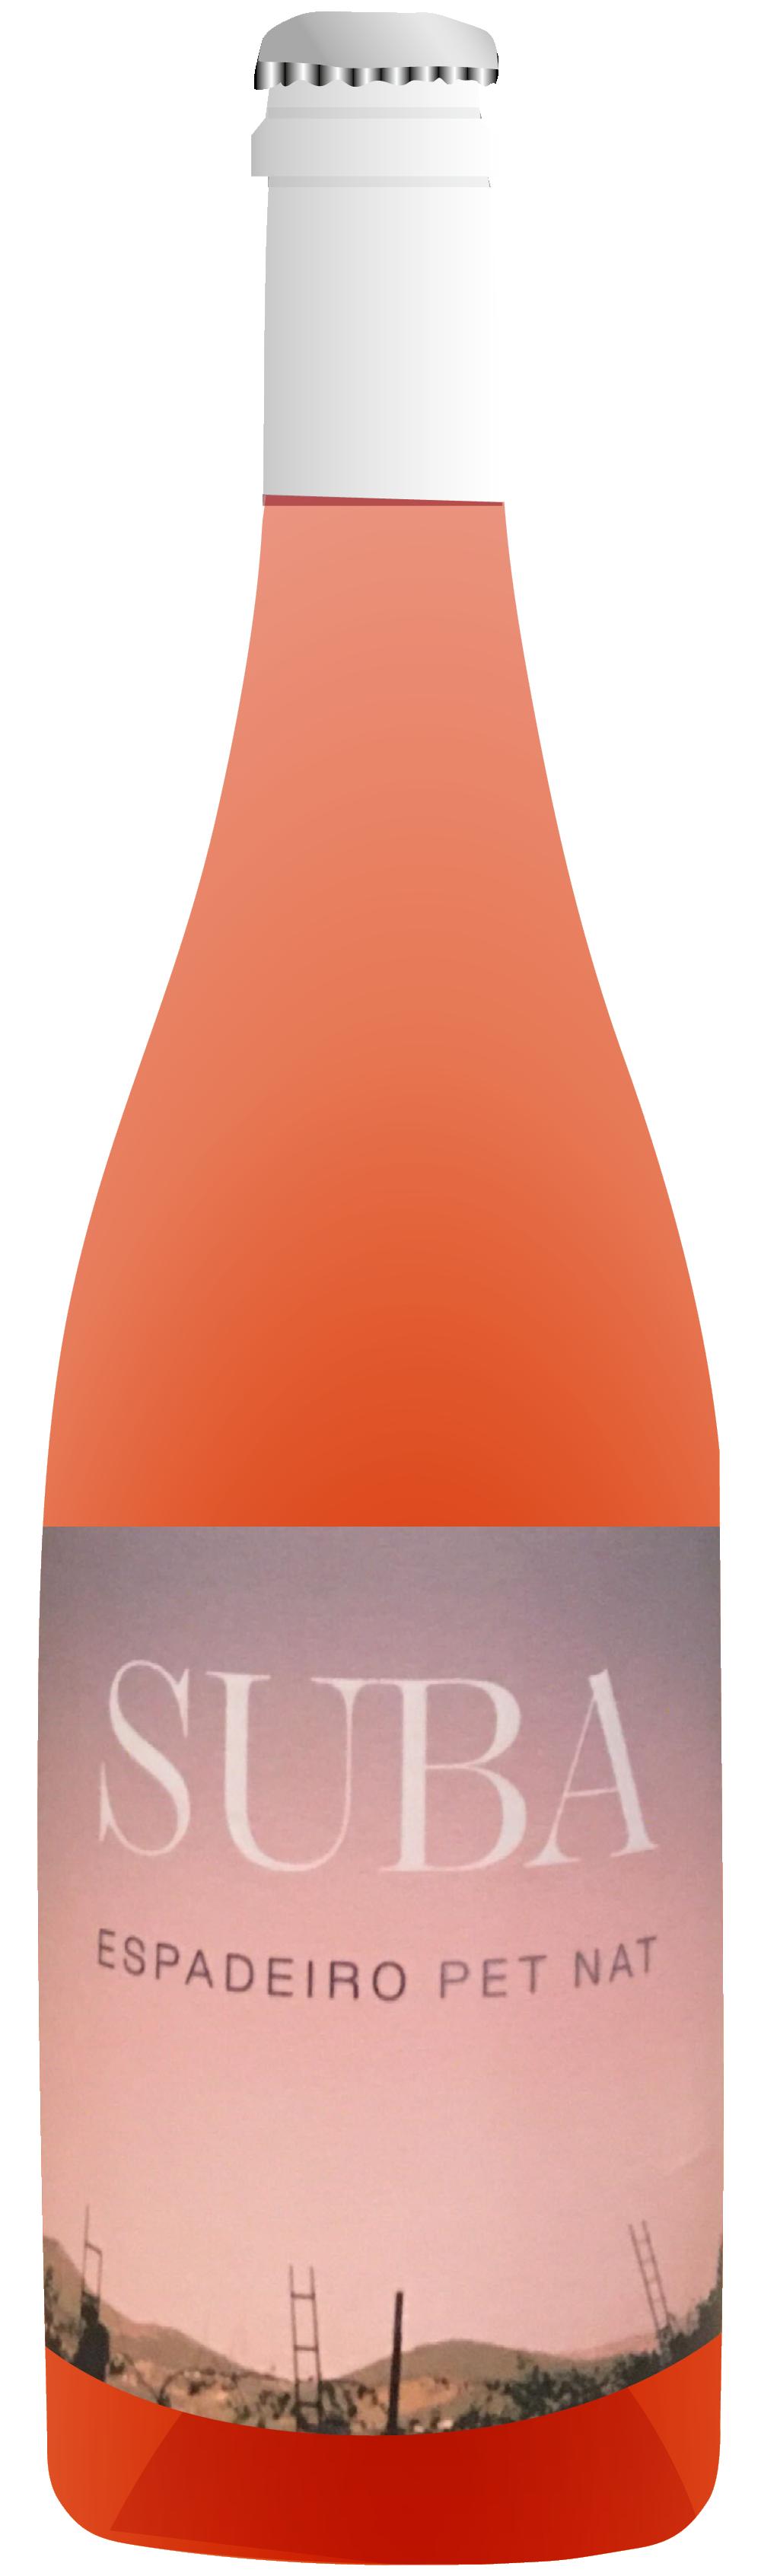 thenaturalwinecompany_october bottles_20214